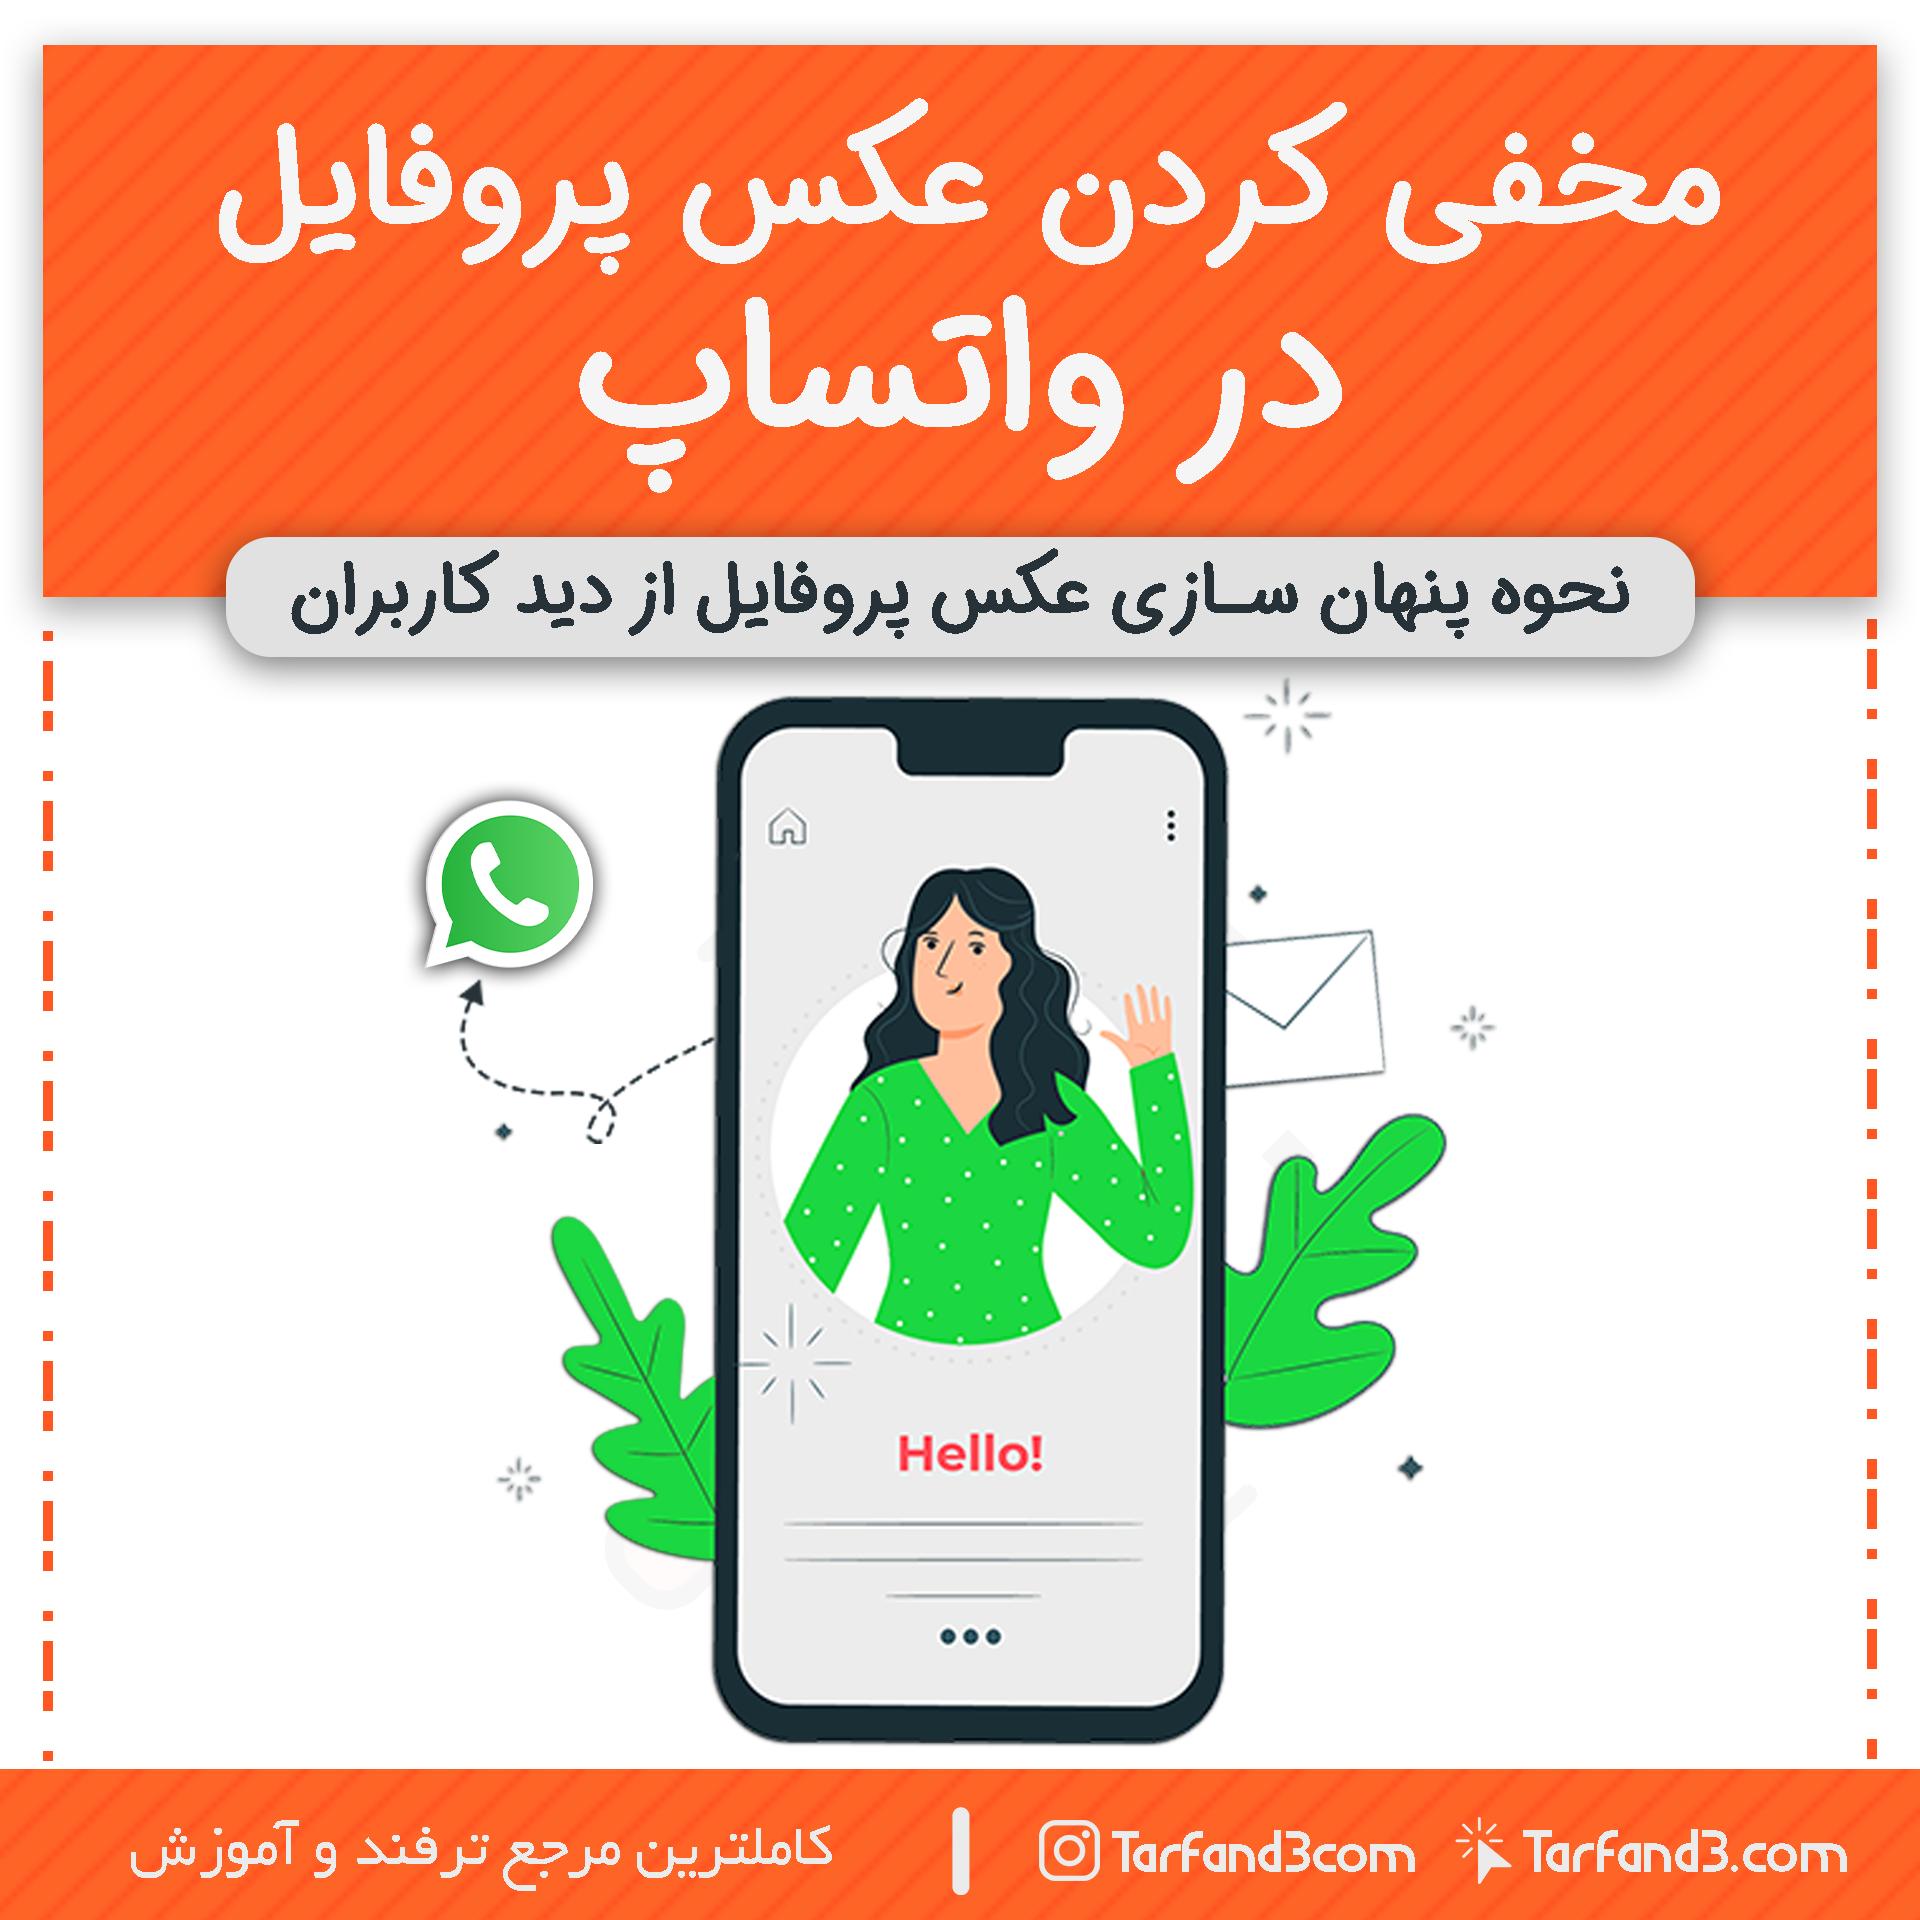 آموزش مخفی کردن عکس پروفایل واتساپ از دید کاربران